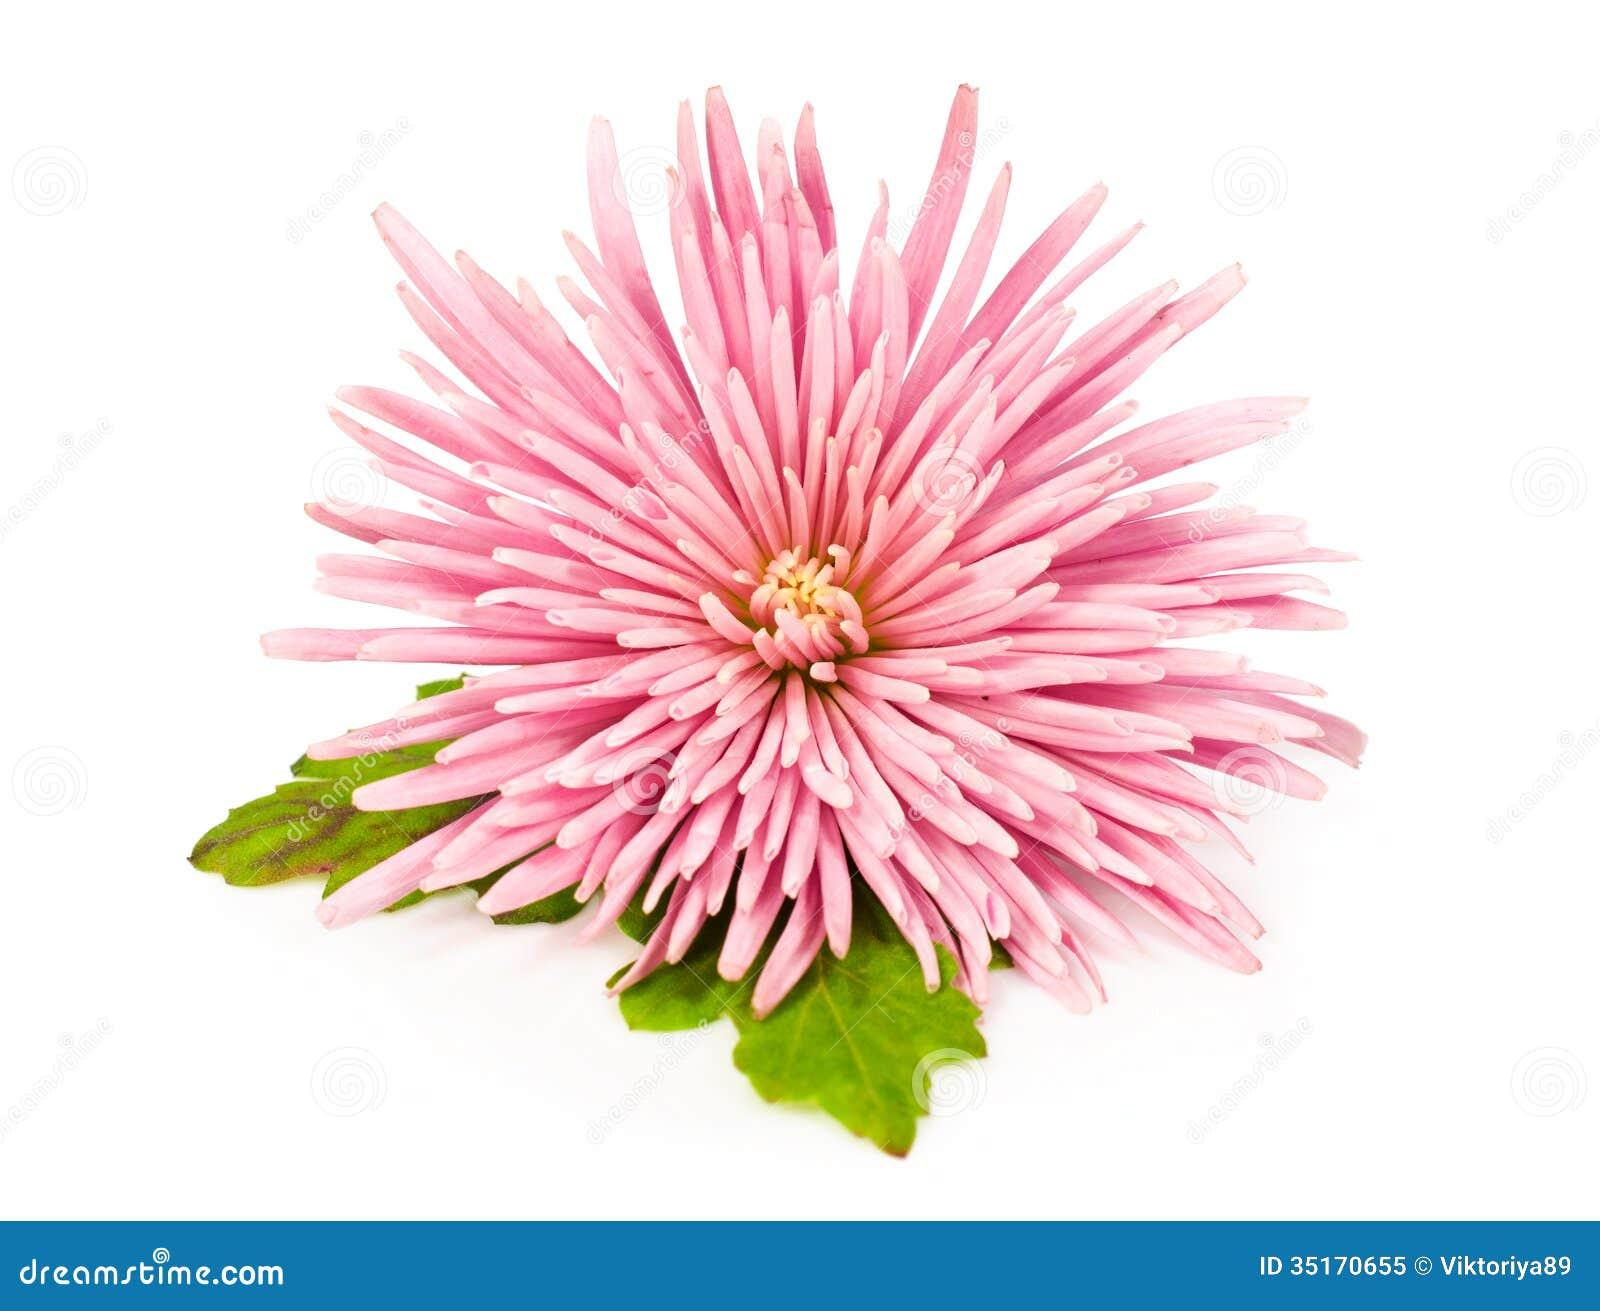 Crisântemo cor-de-rosa sobre o branco